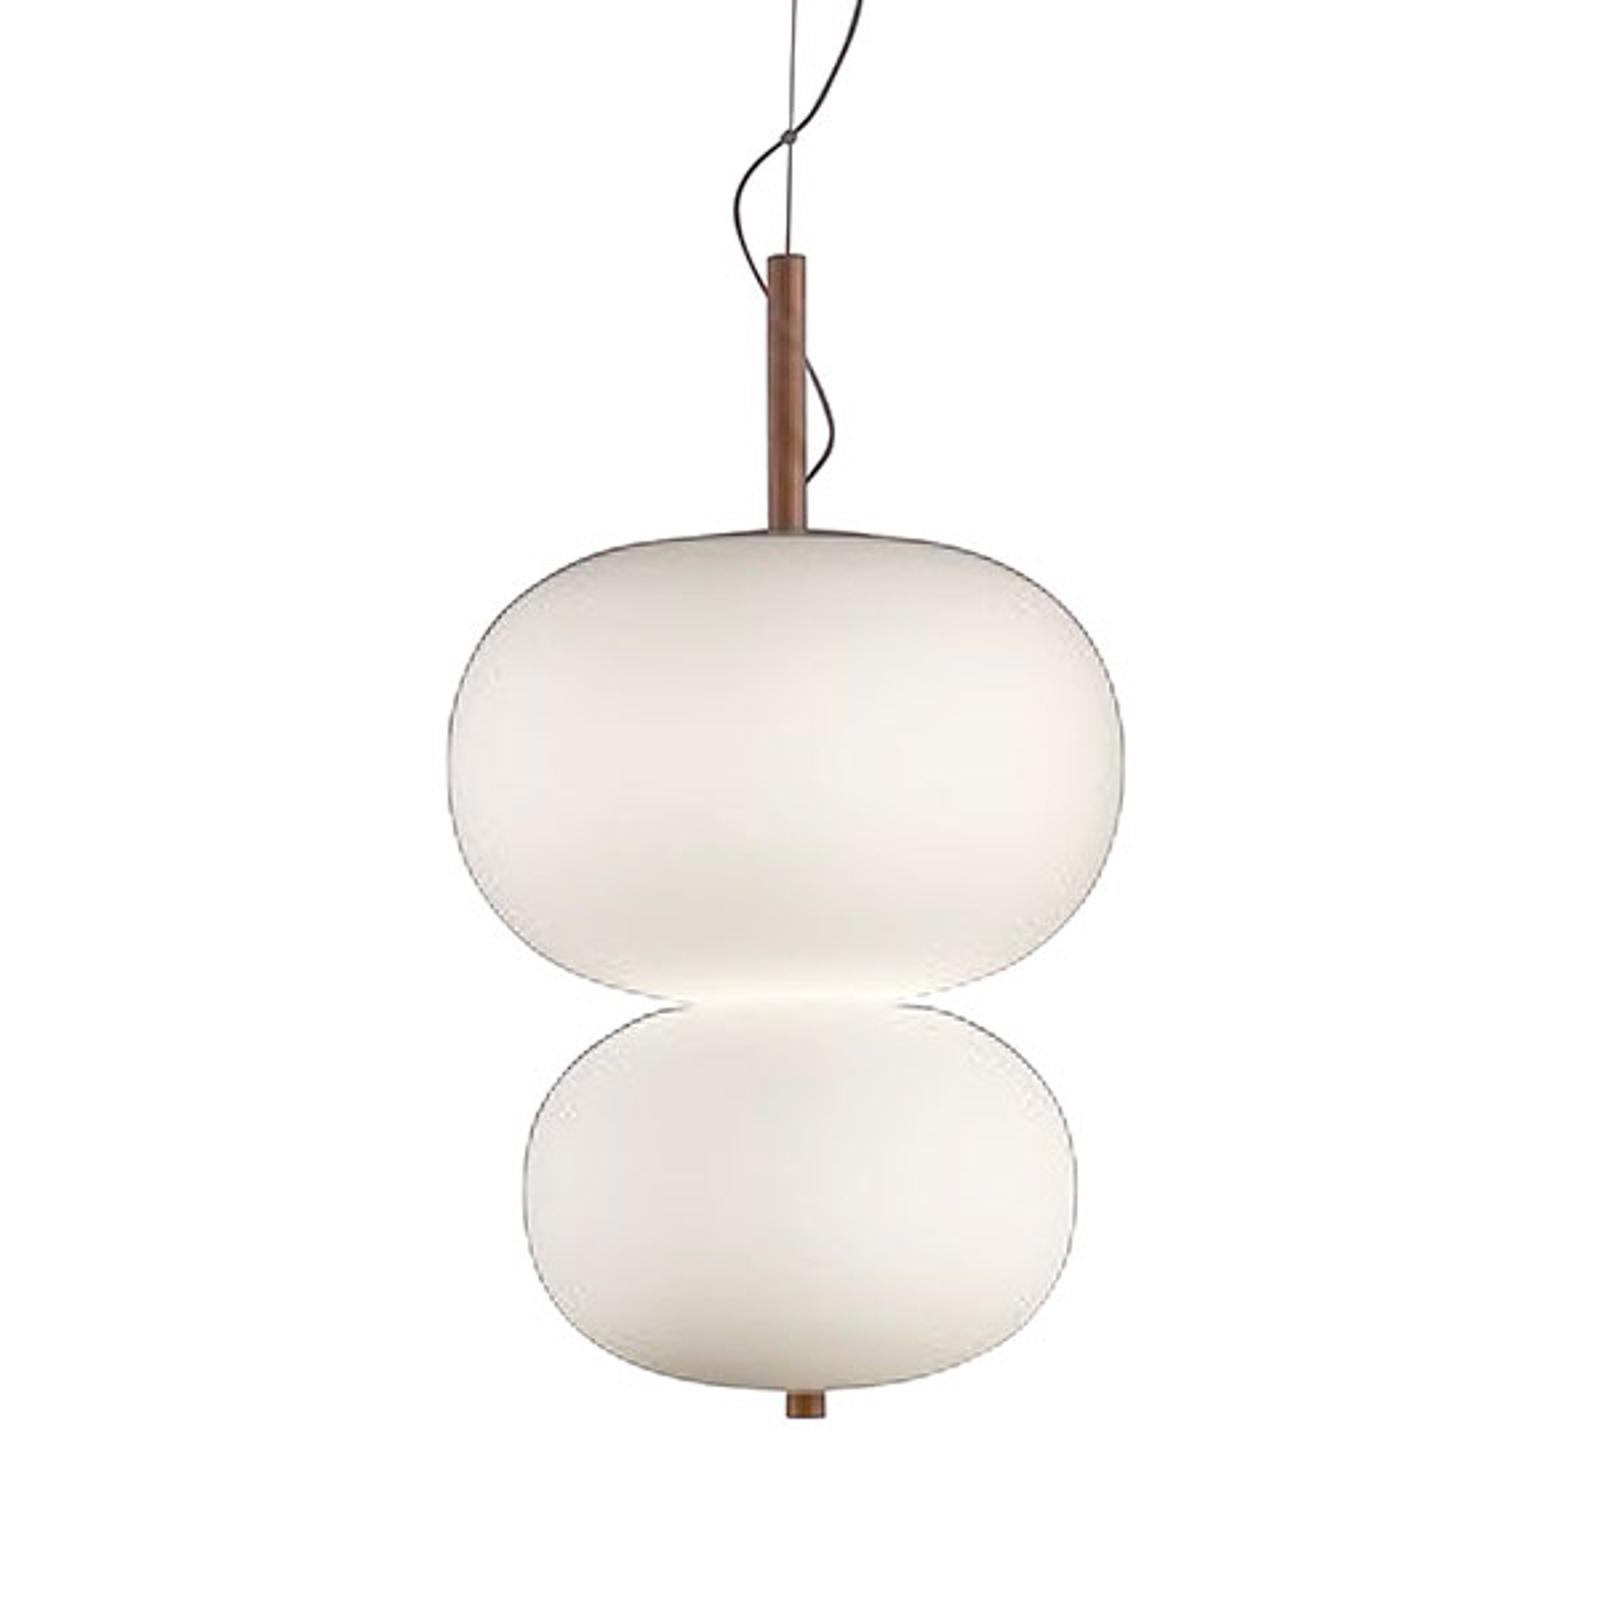 Grok iLargi lampa wisząca, wysokość 67 cm, jesion